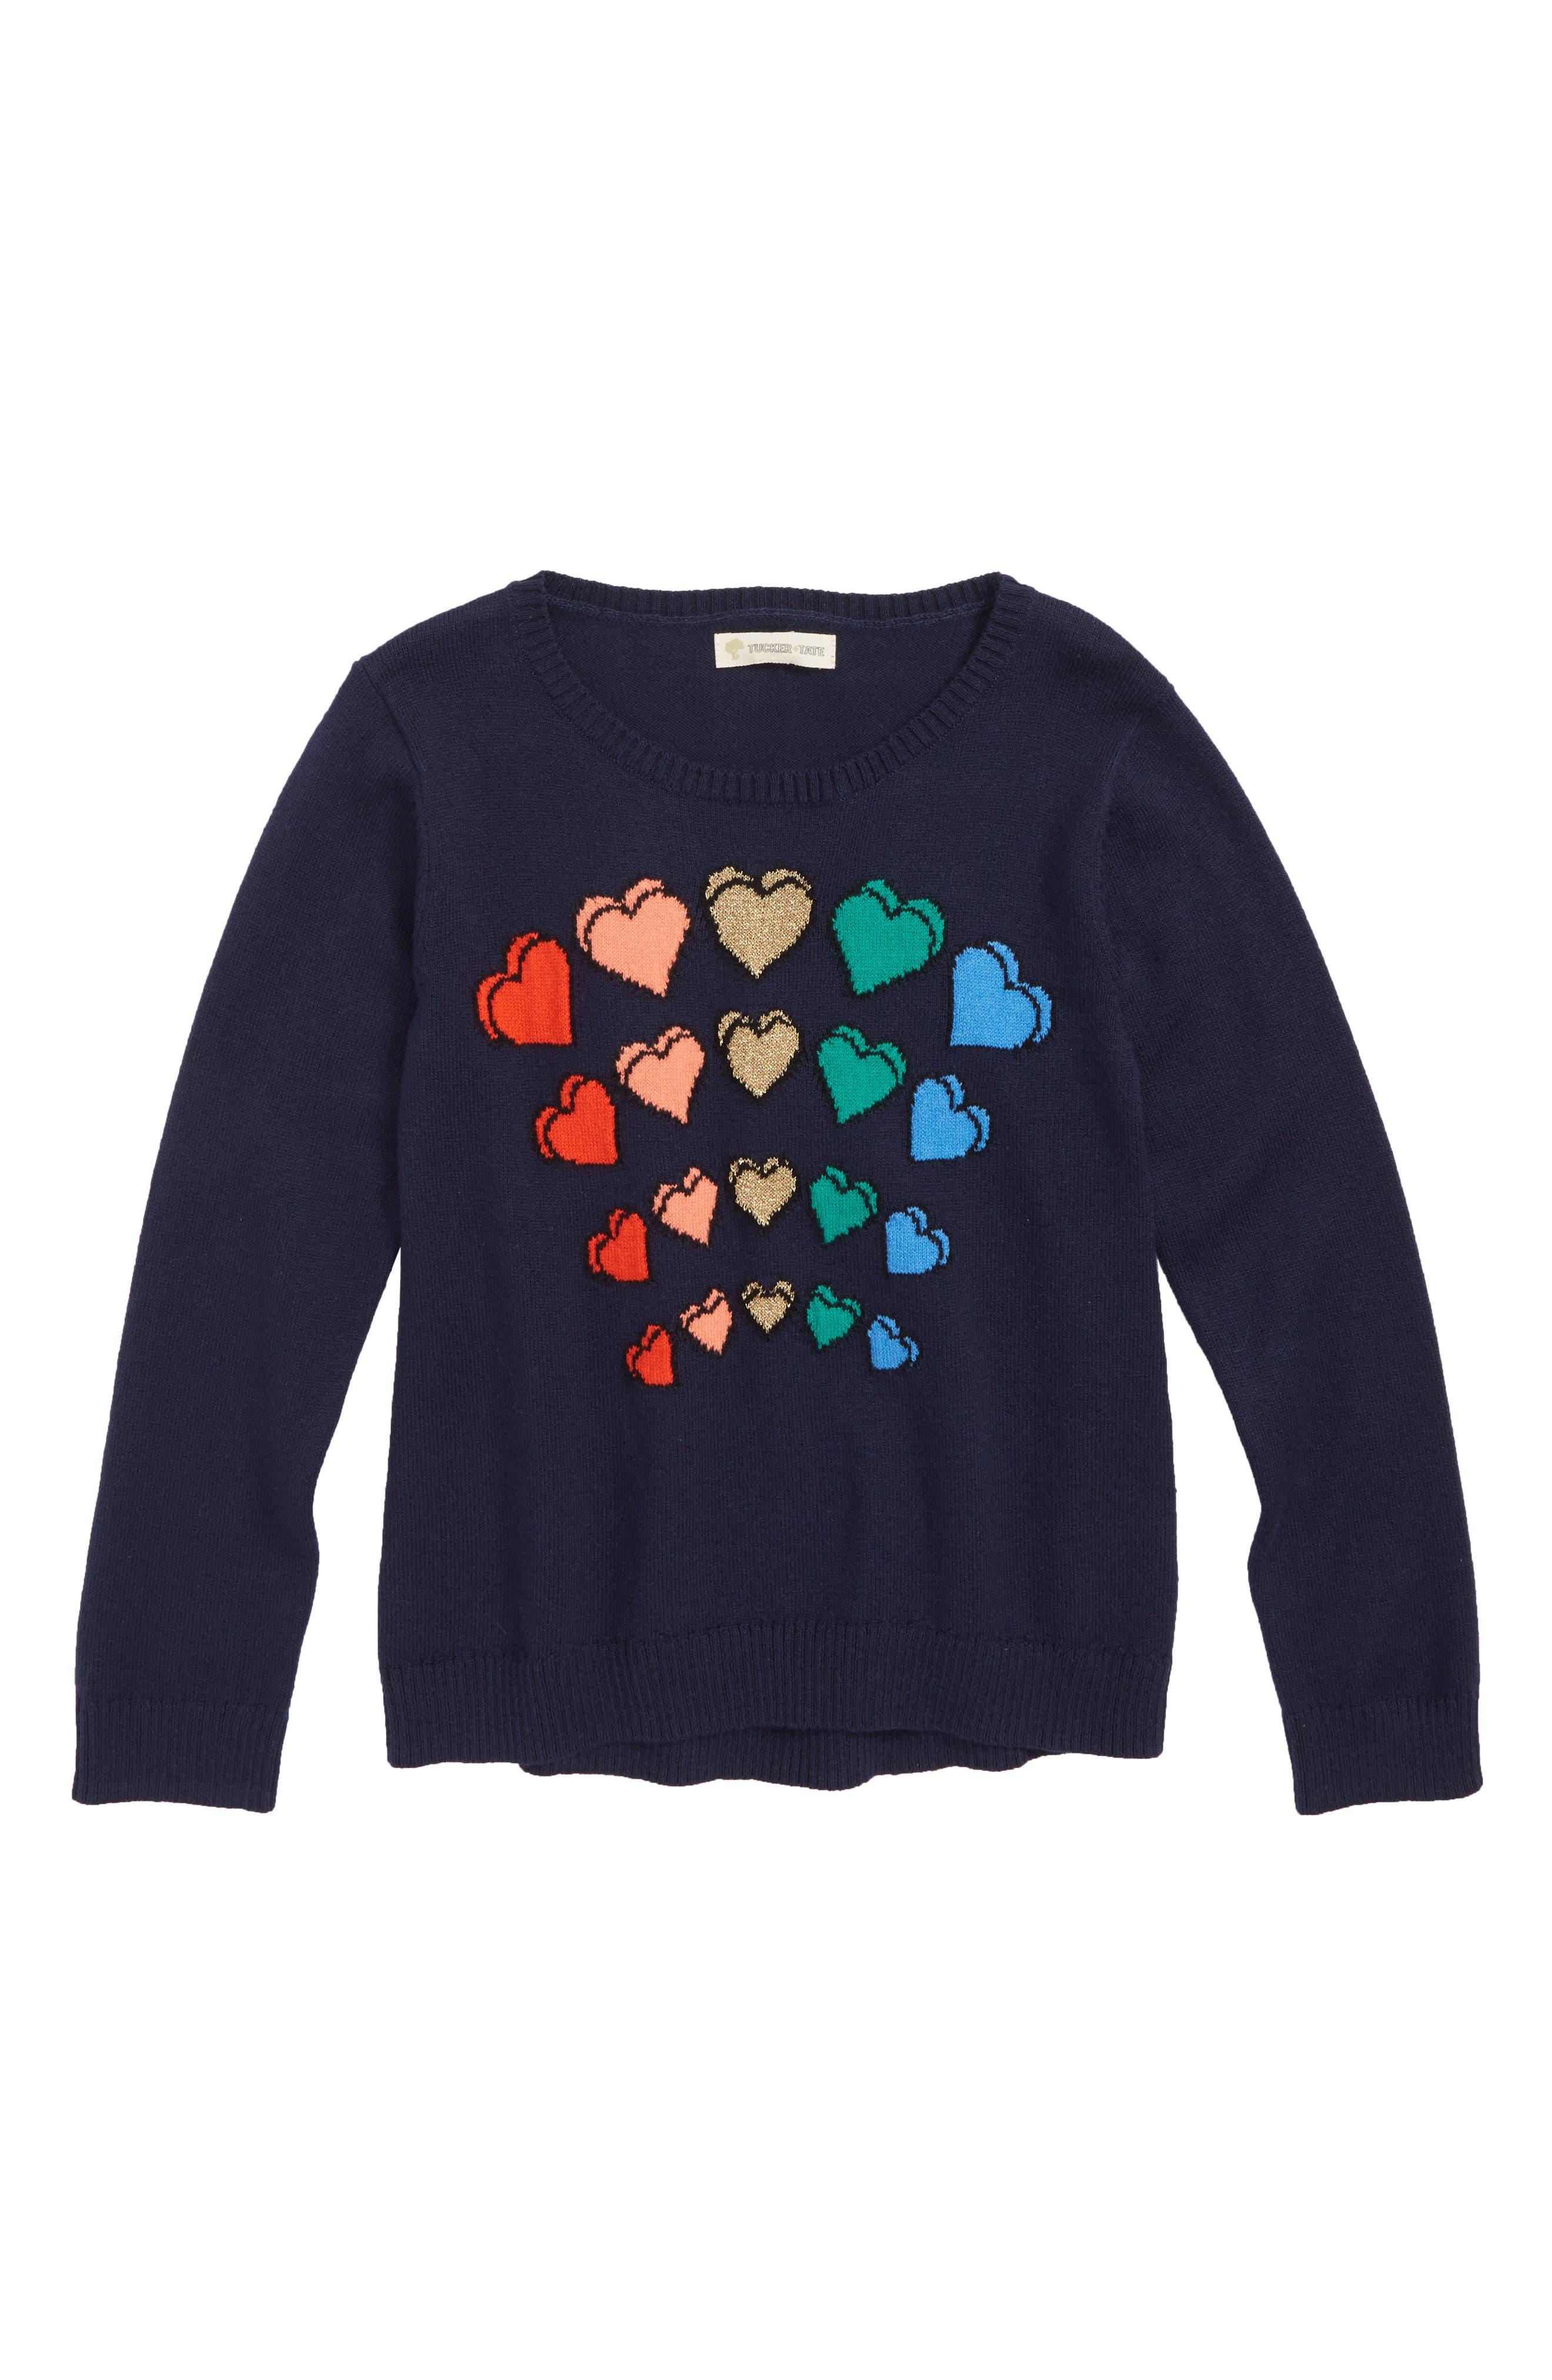 Sparkle Heart Sweater,                             Main thumbnail 1, color,                             NAVY PEACOAT RAINBOW HEARTS